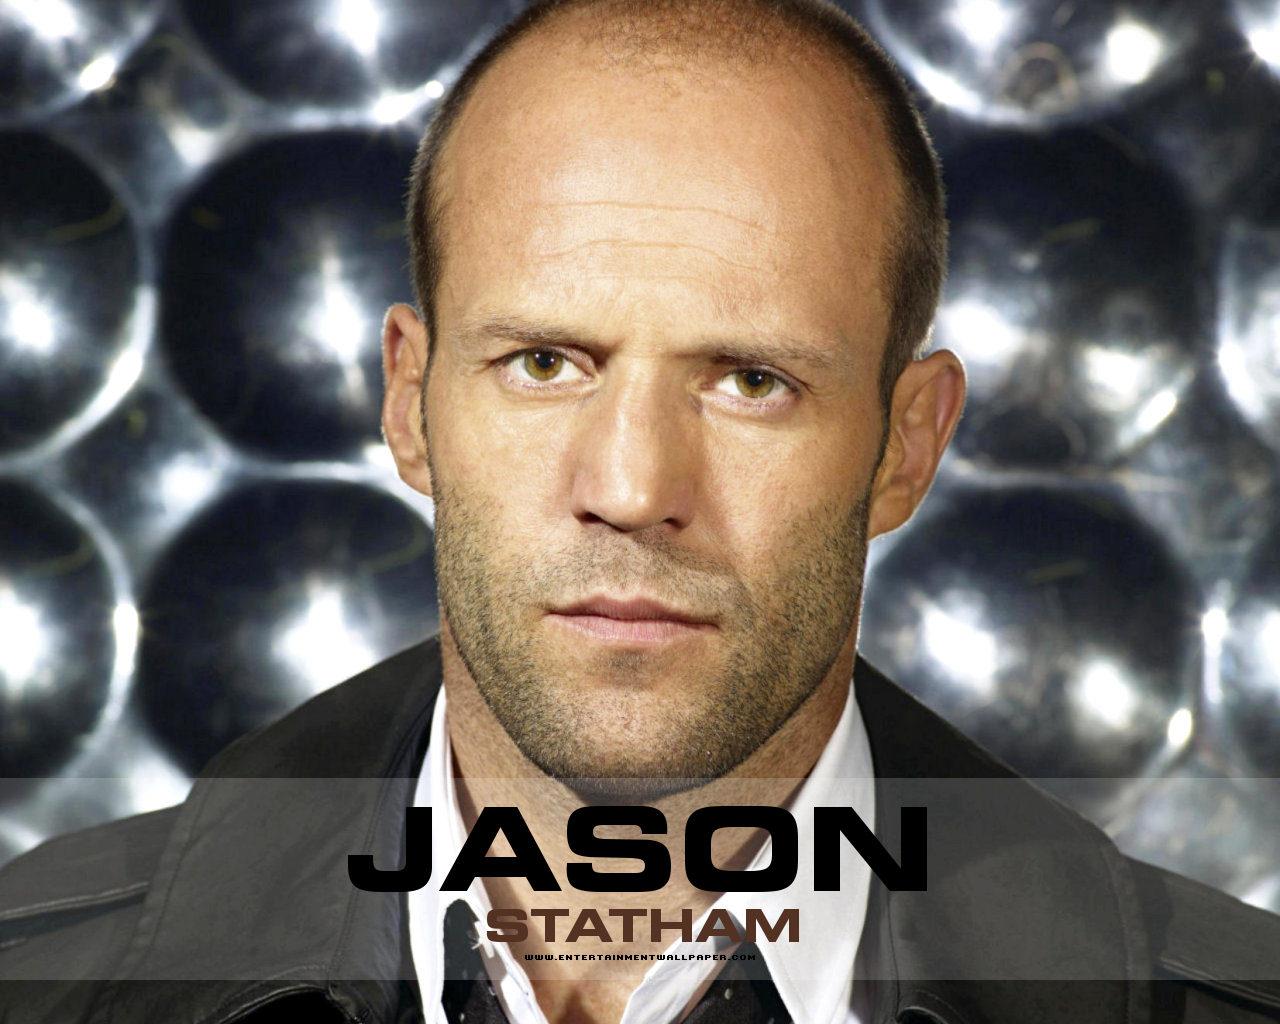 {Jason Statham